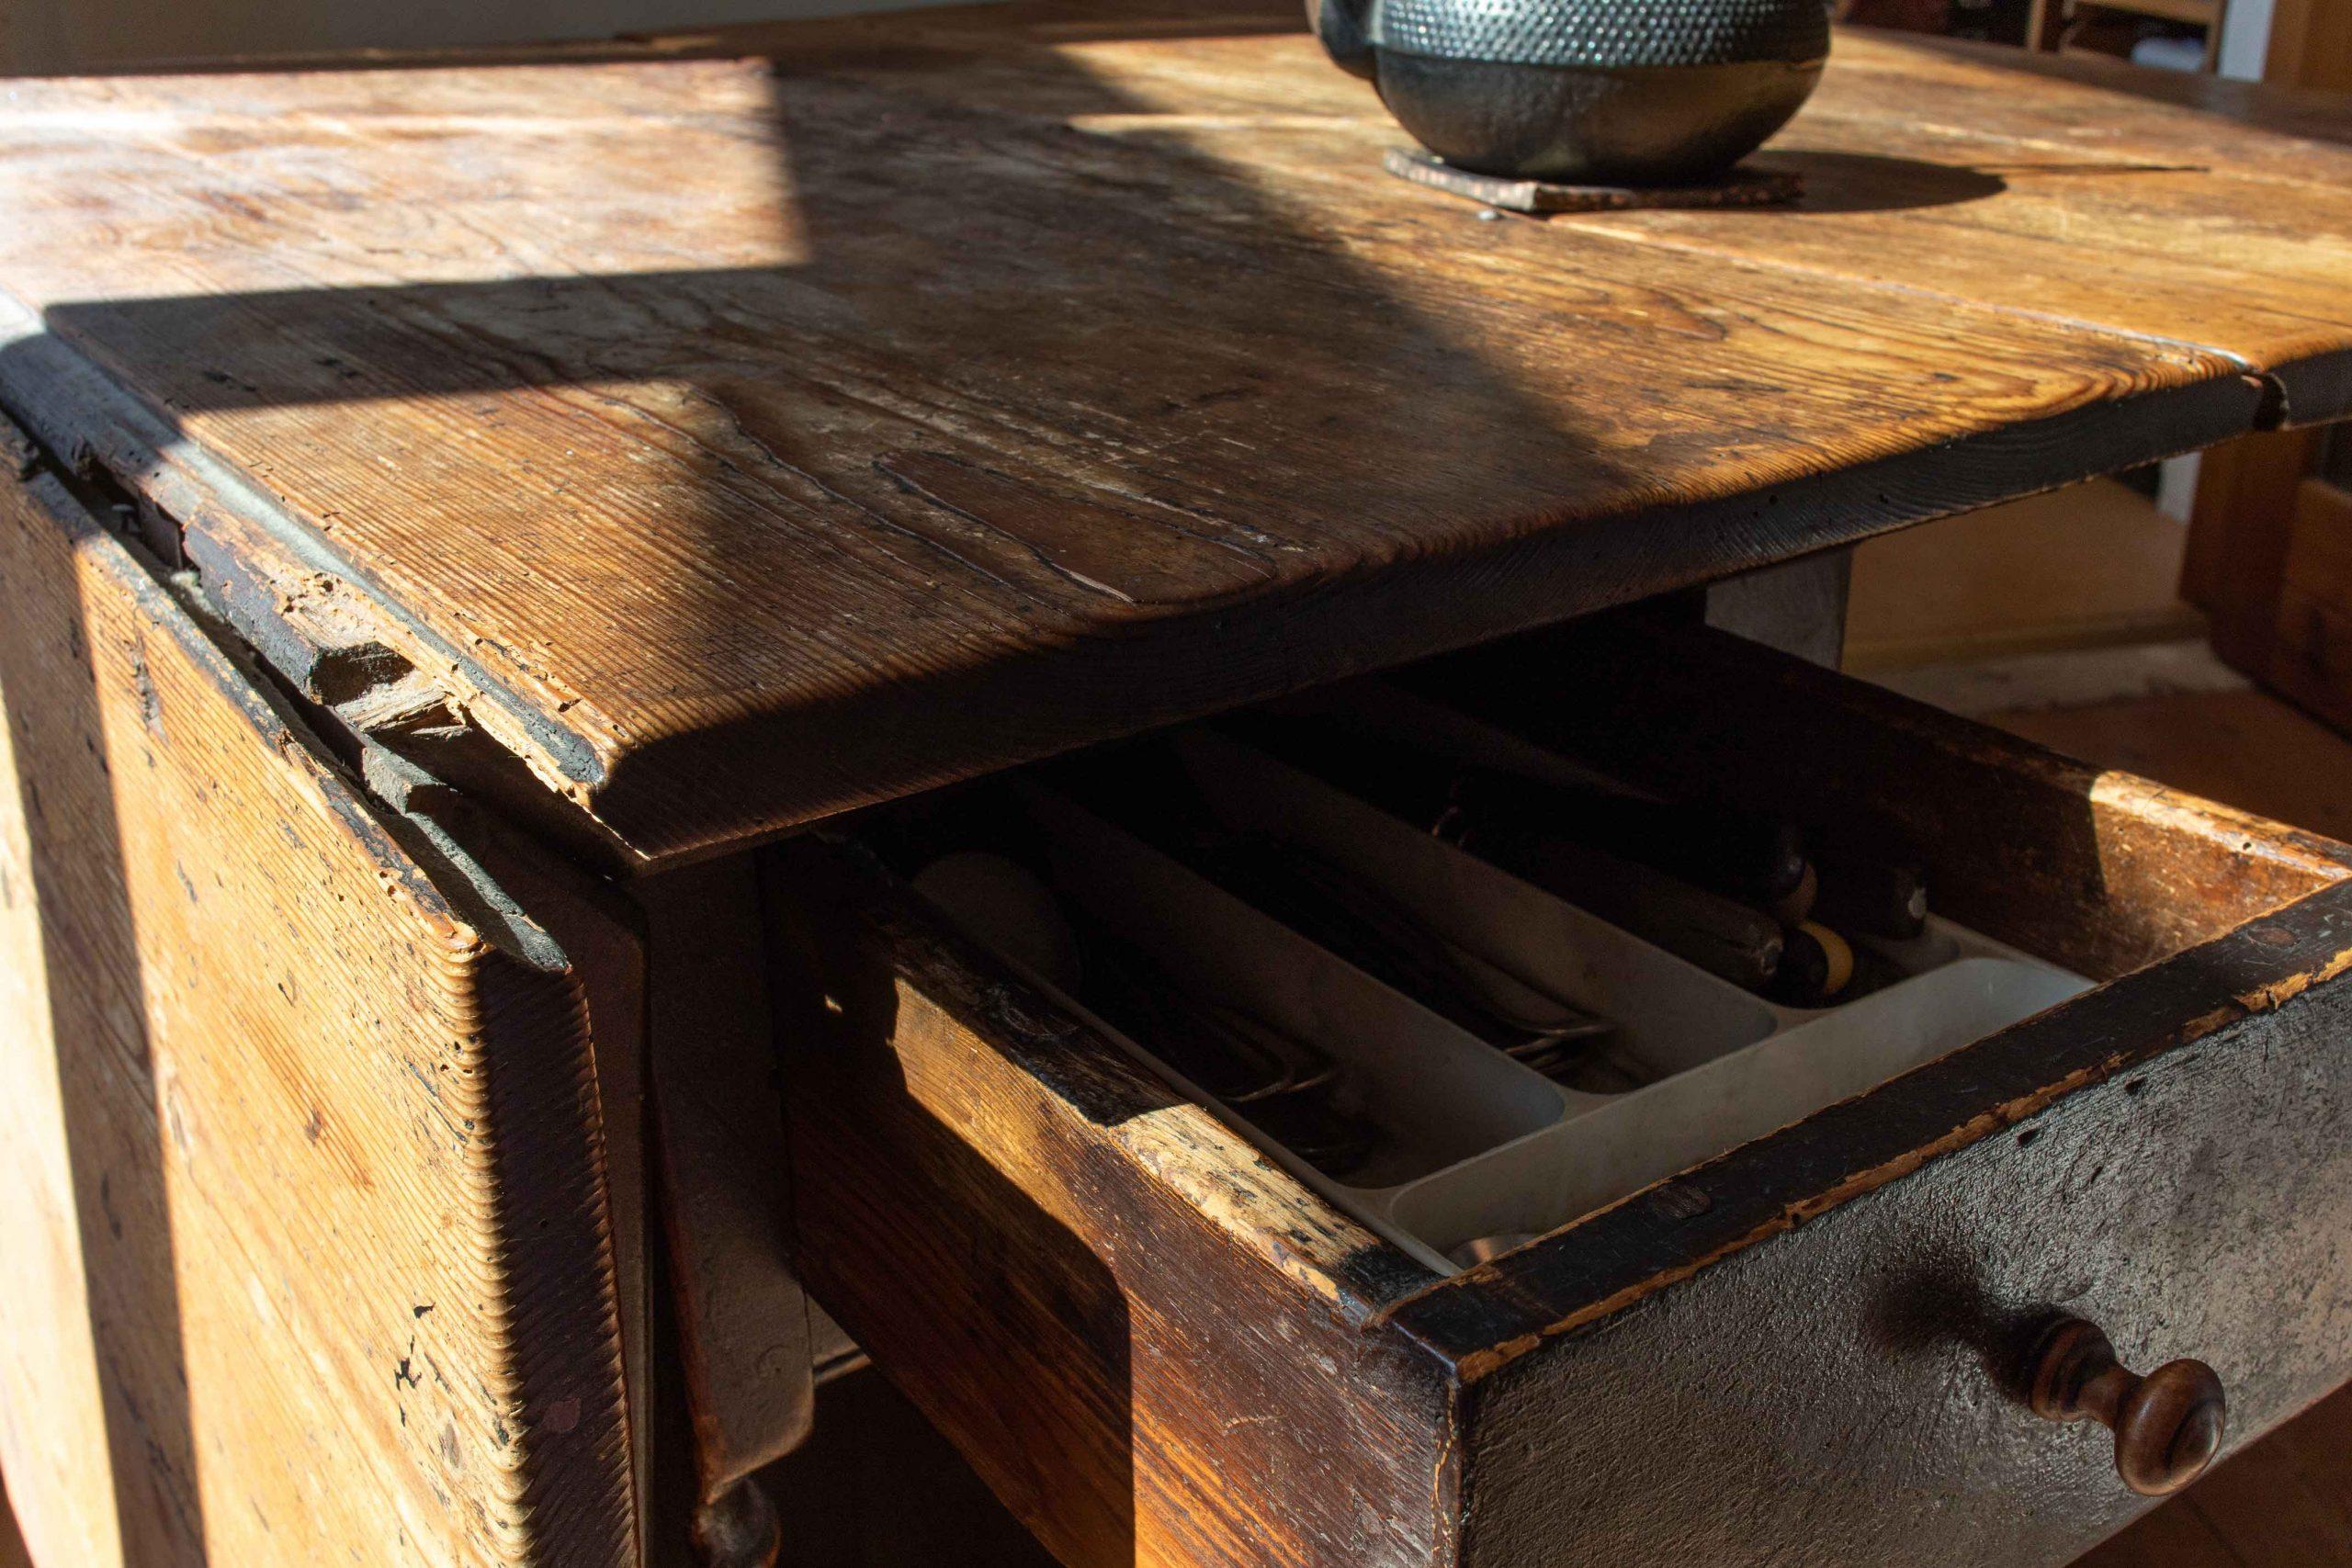 alter guter Tisch, Holzplatte und offene Besteckschublade